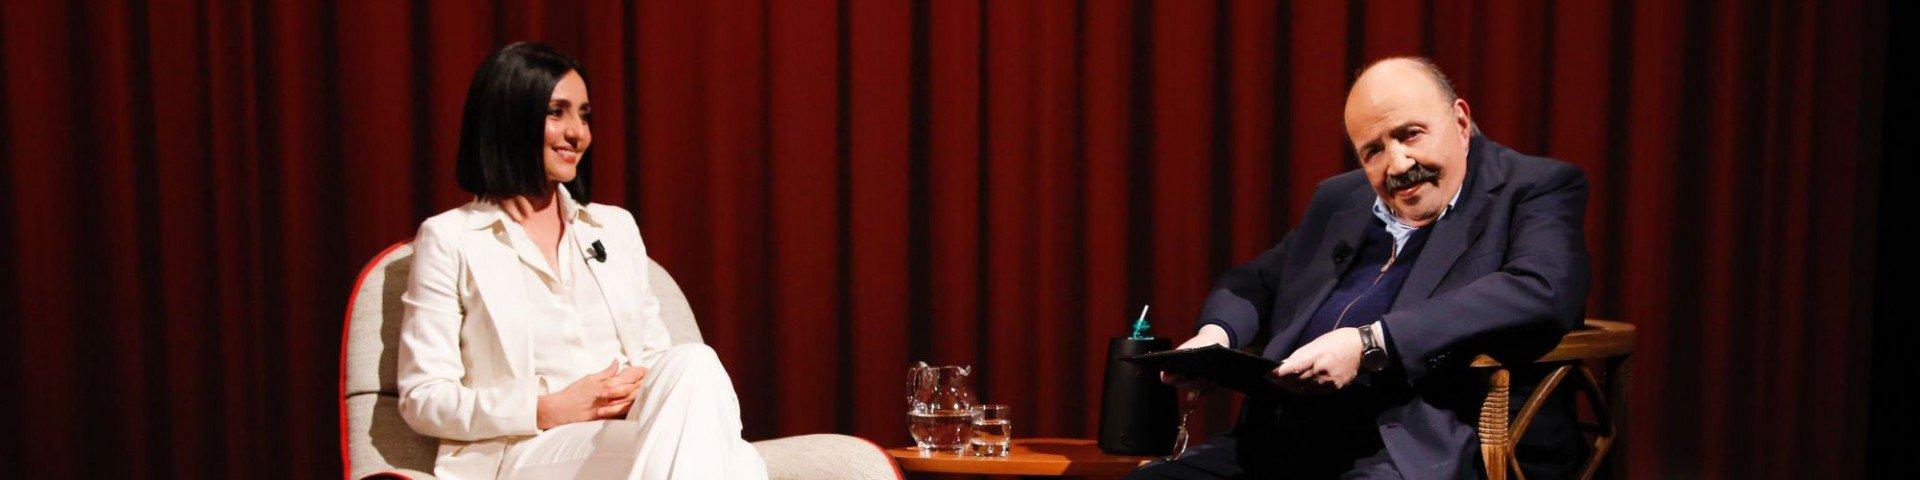 Torna L'Intervista di Maurizio Costanzo: prima ospite Ambra Angiolini